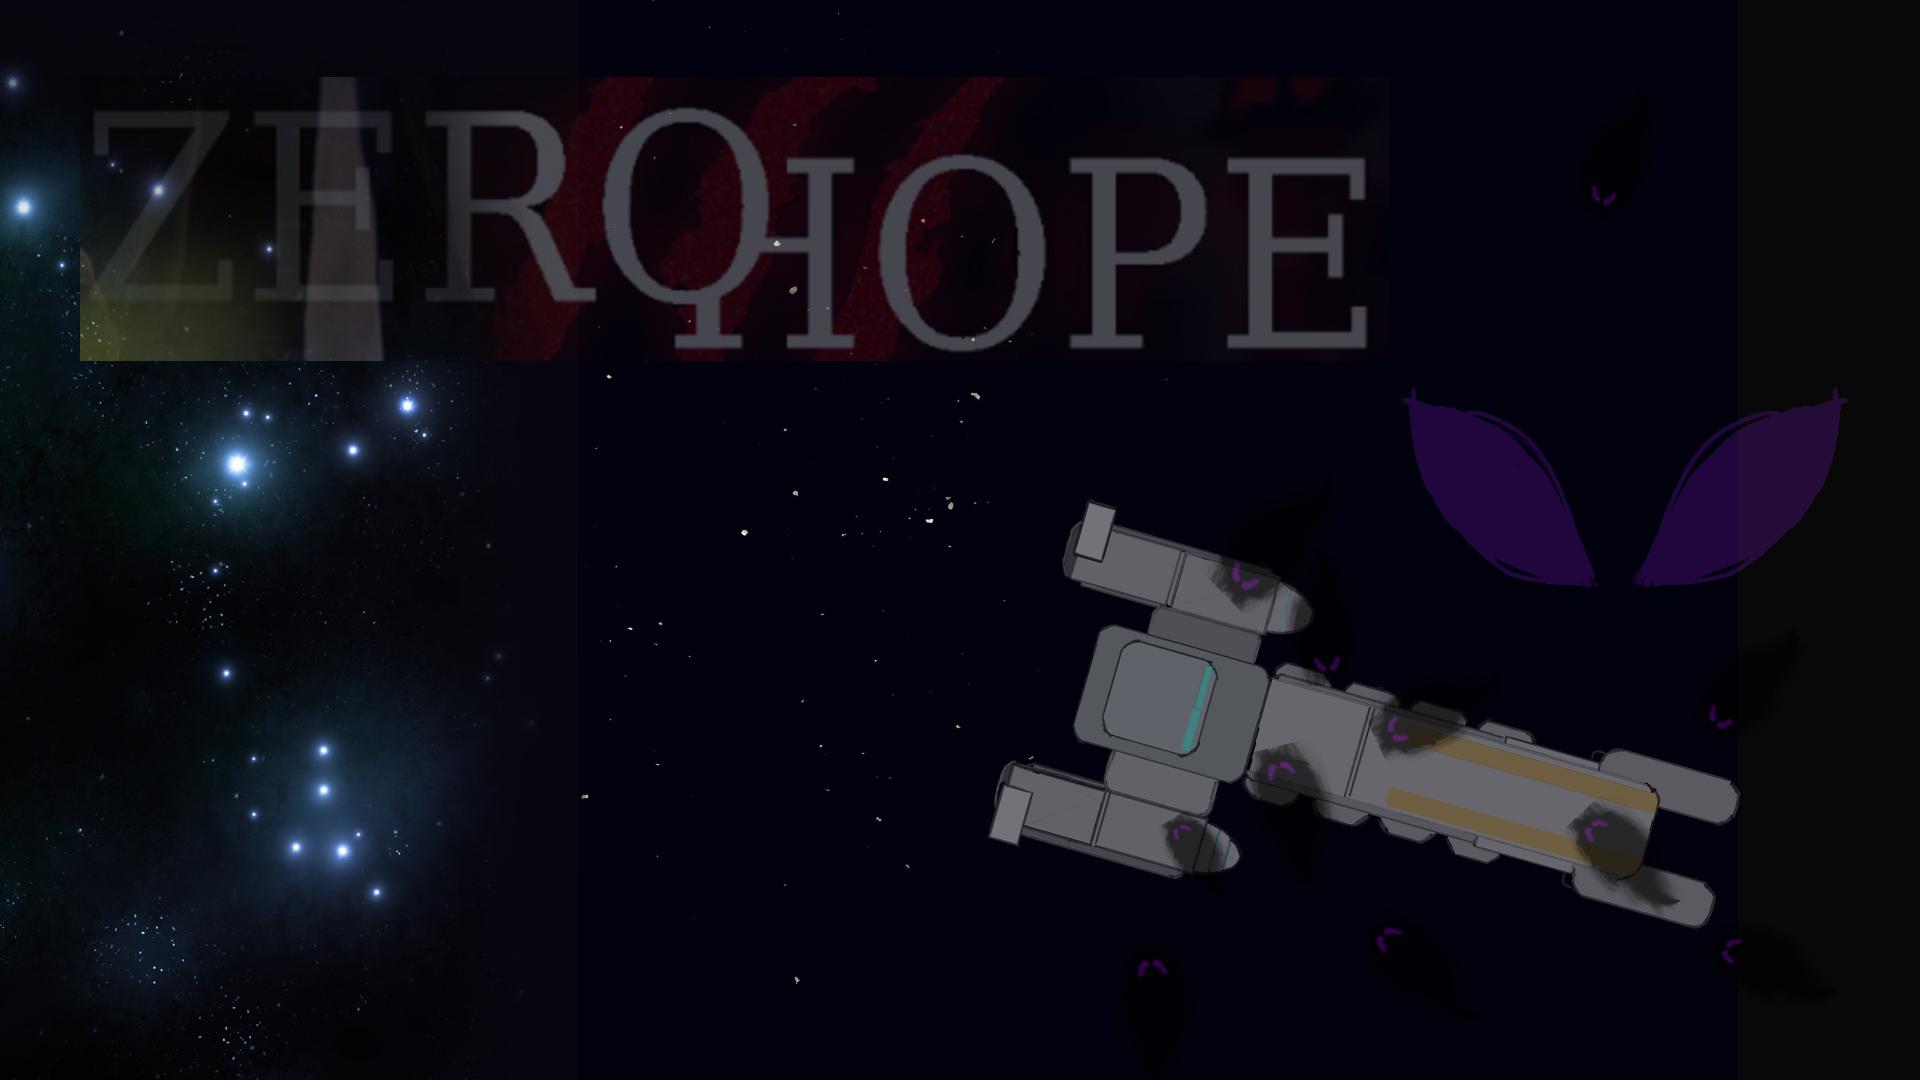 Zero Hope